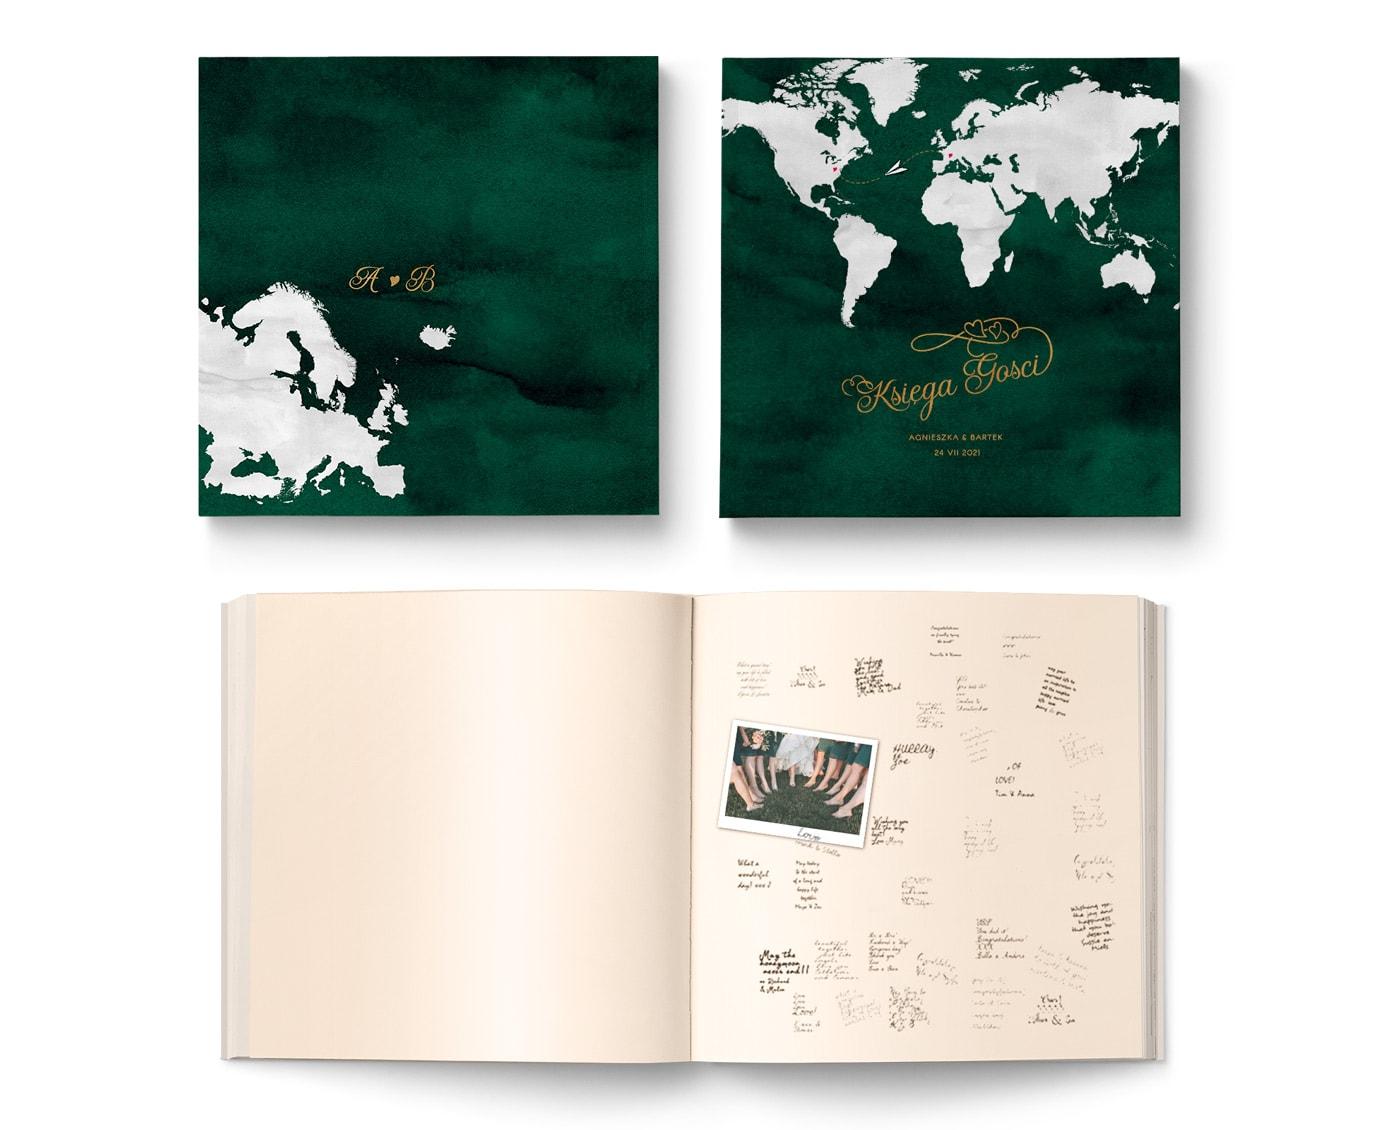 Księga gości w podróżniczym stylu w kolorze butelkowej zieleni